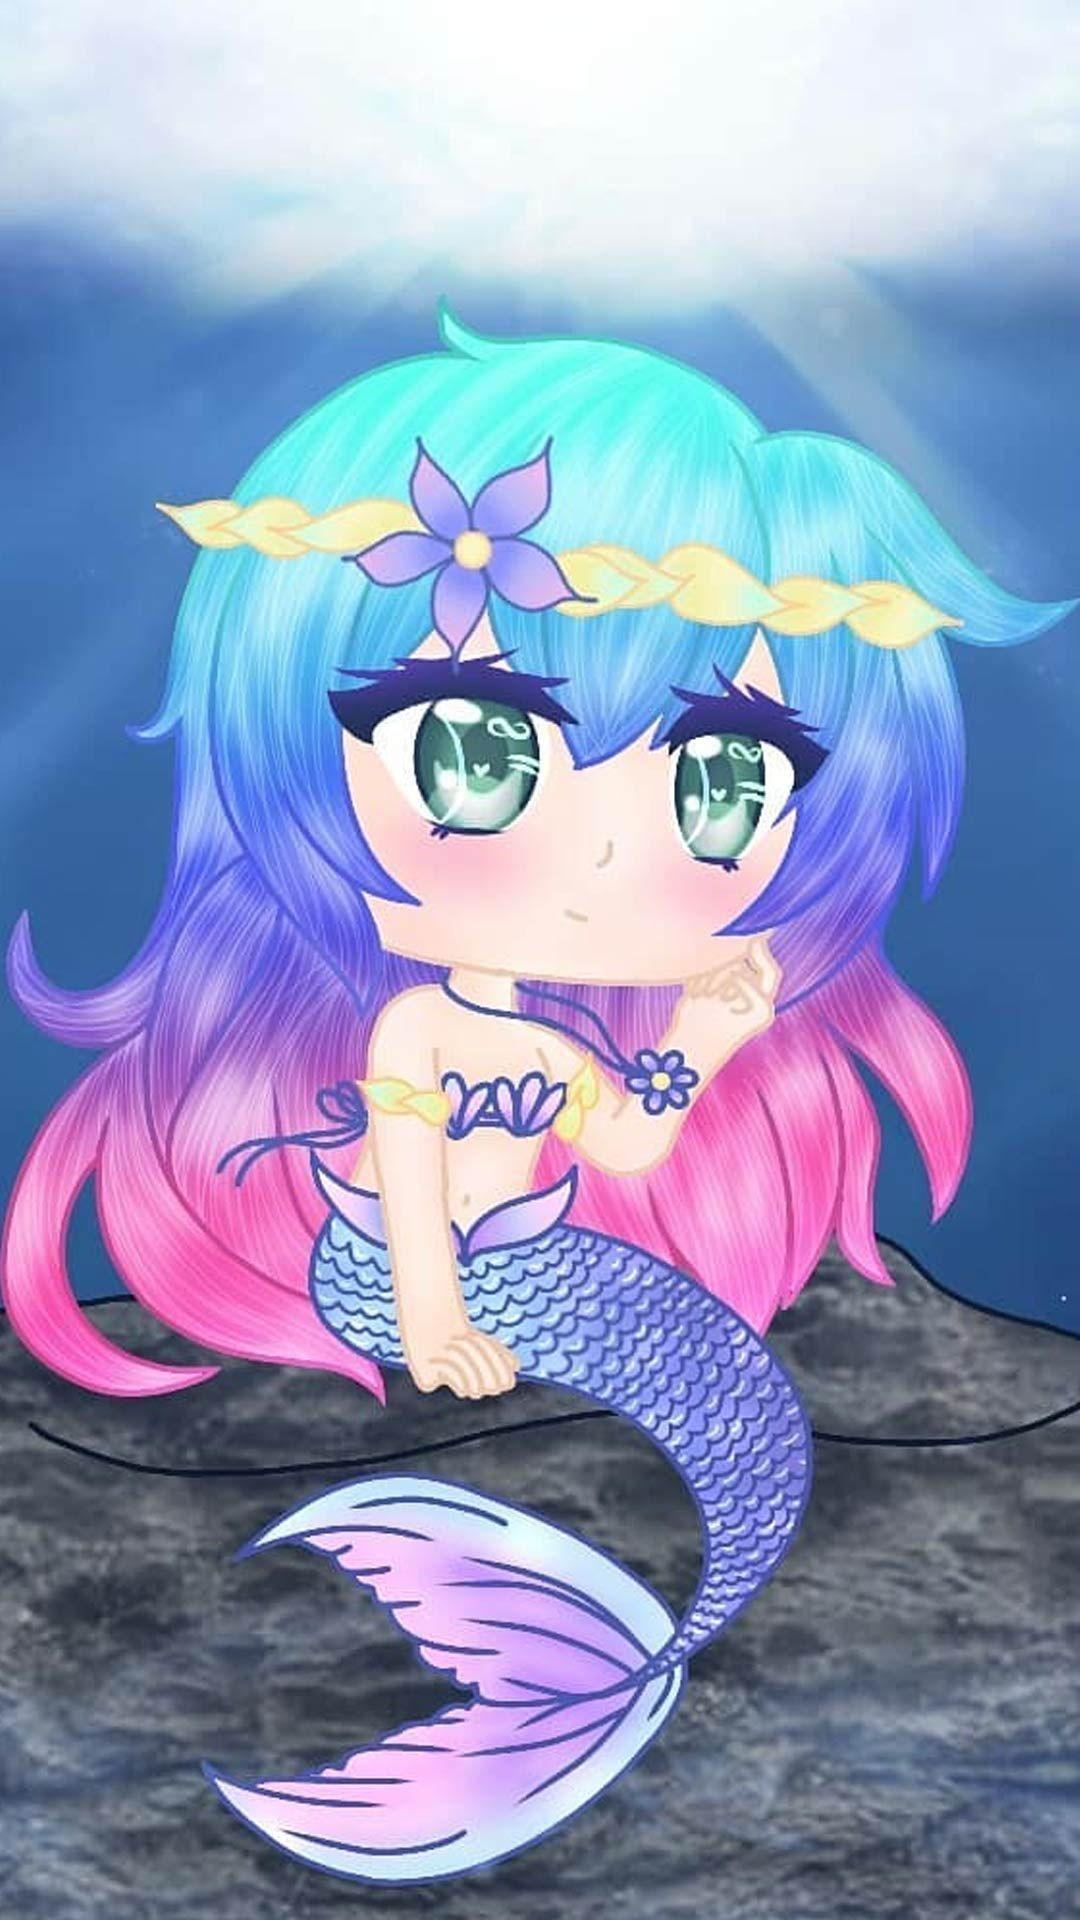 Gacha Life Mermaid Wallpapers - Wallpaper Cave